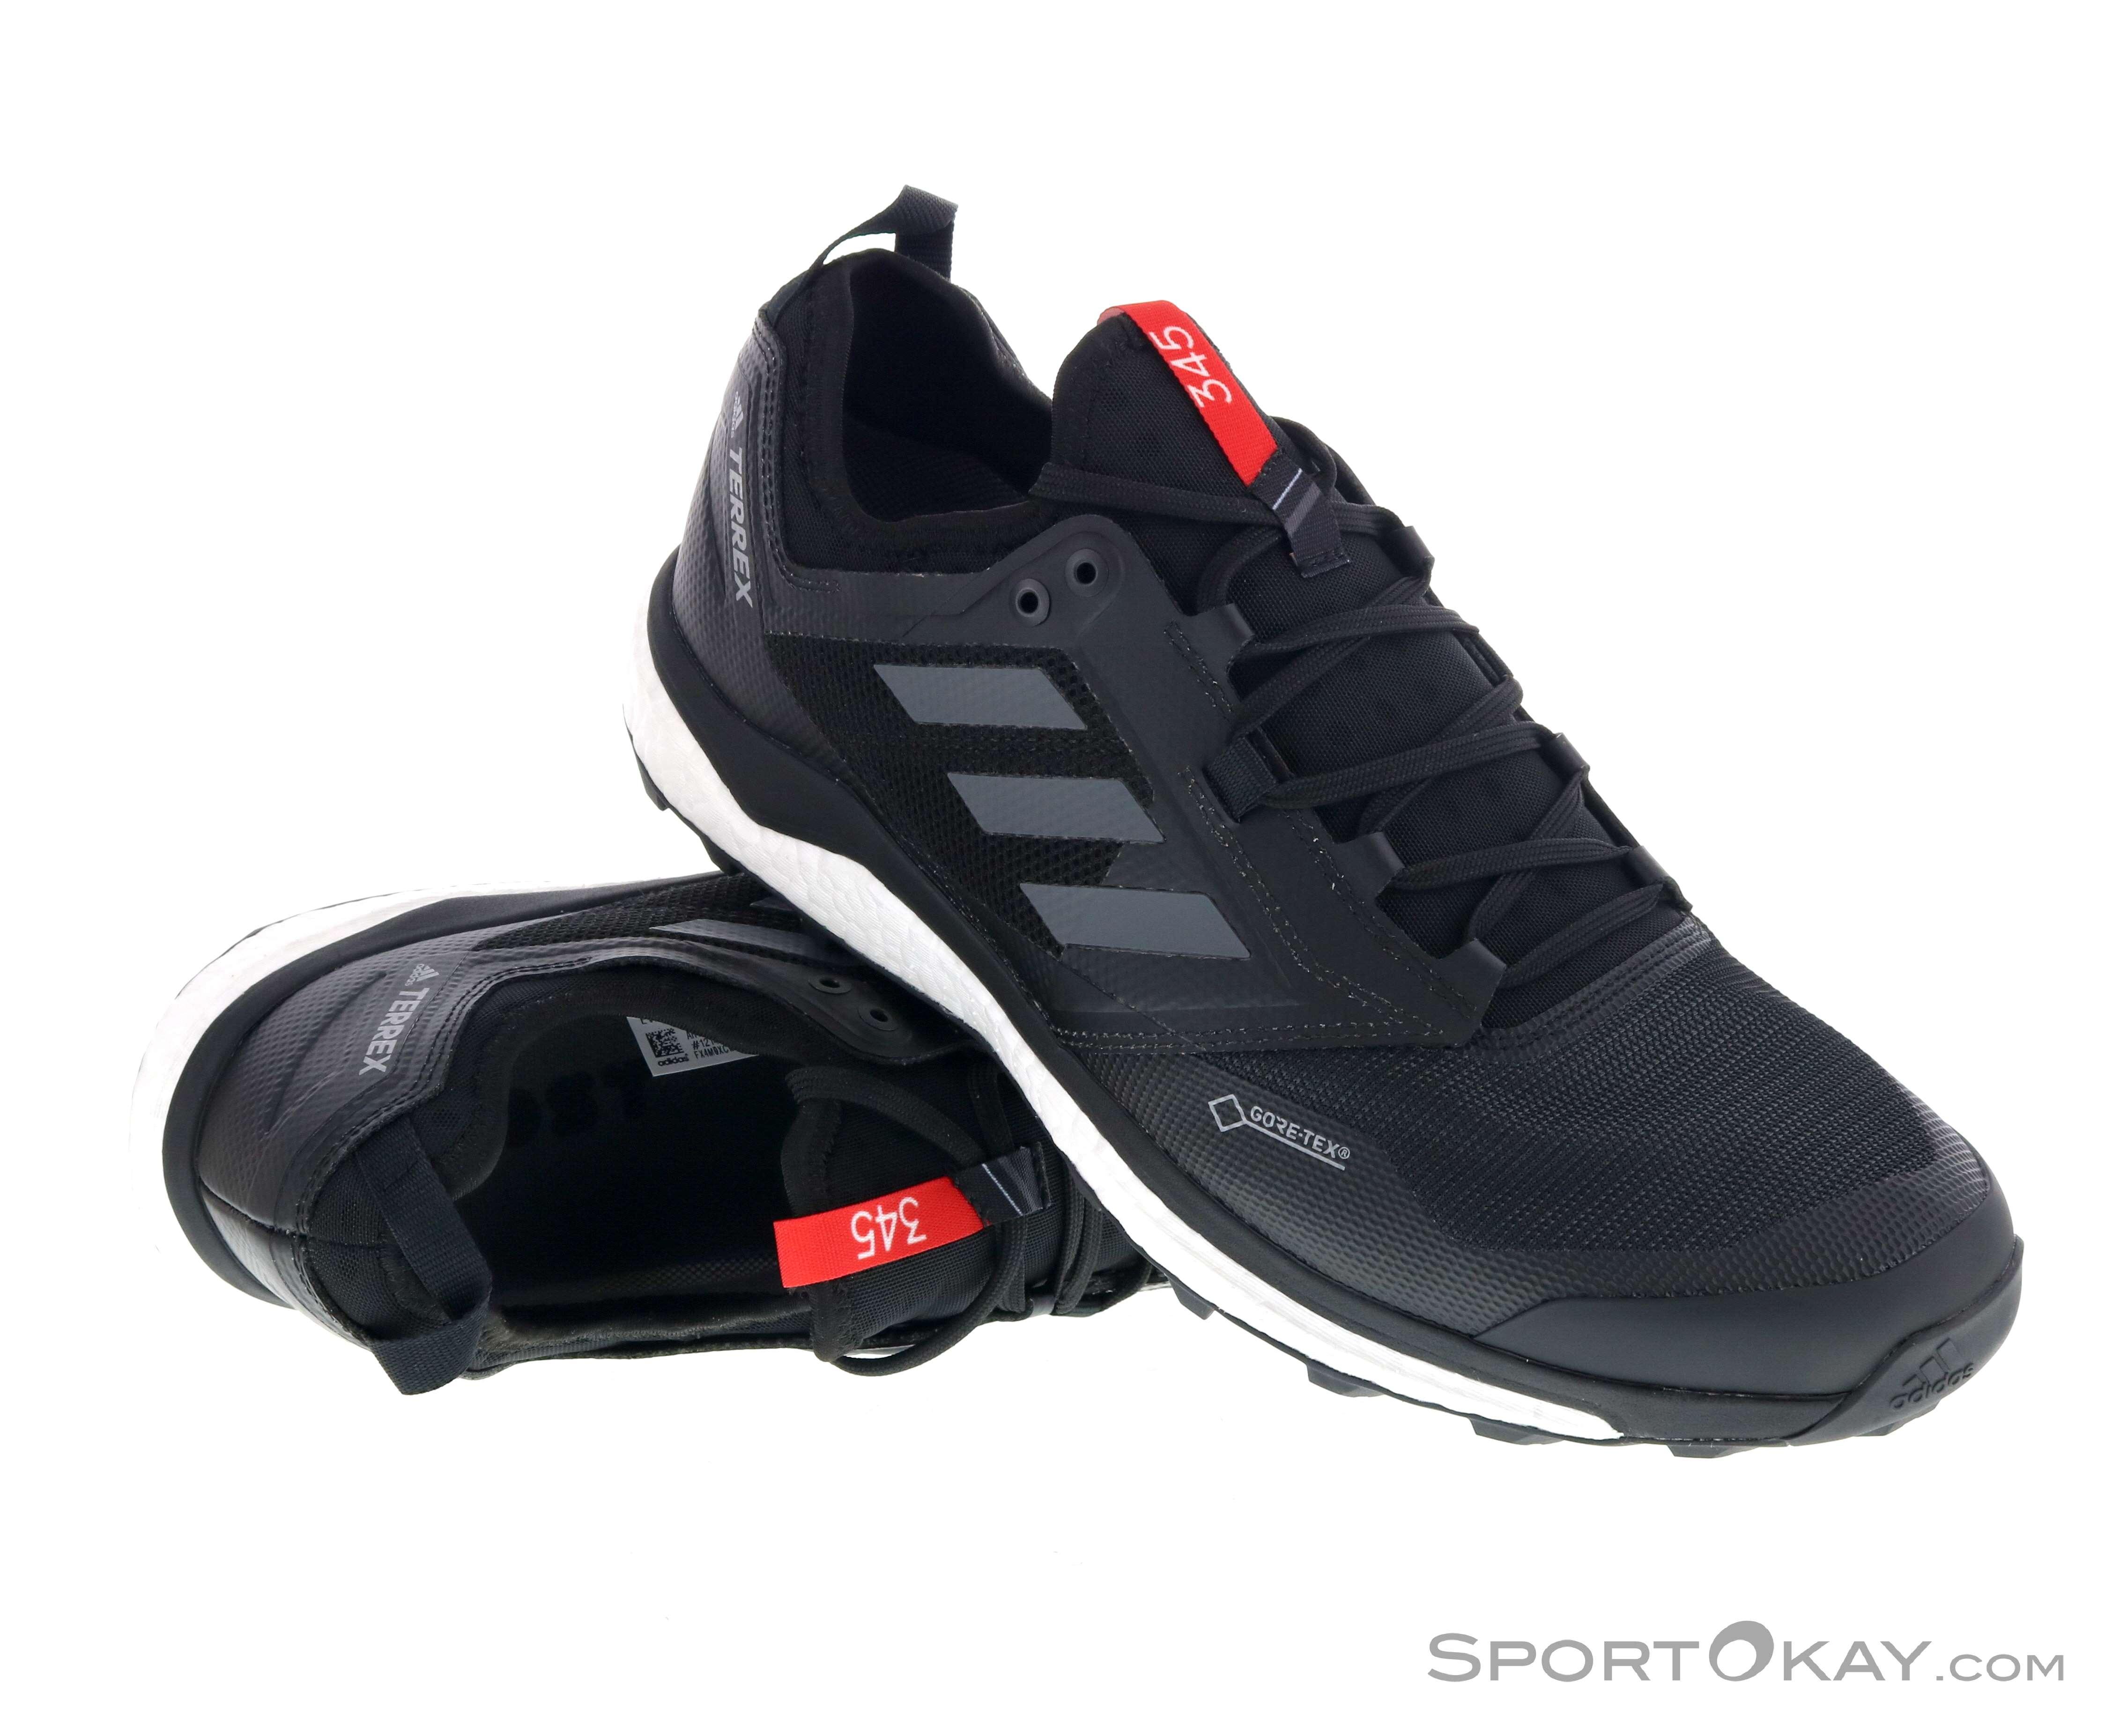 adidas Terrex adidas Terrex Agravic XT Mens Trail Running Shoes Gore-Tex